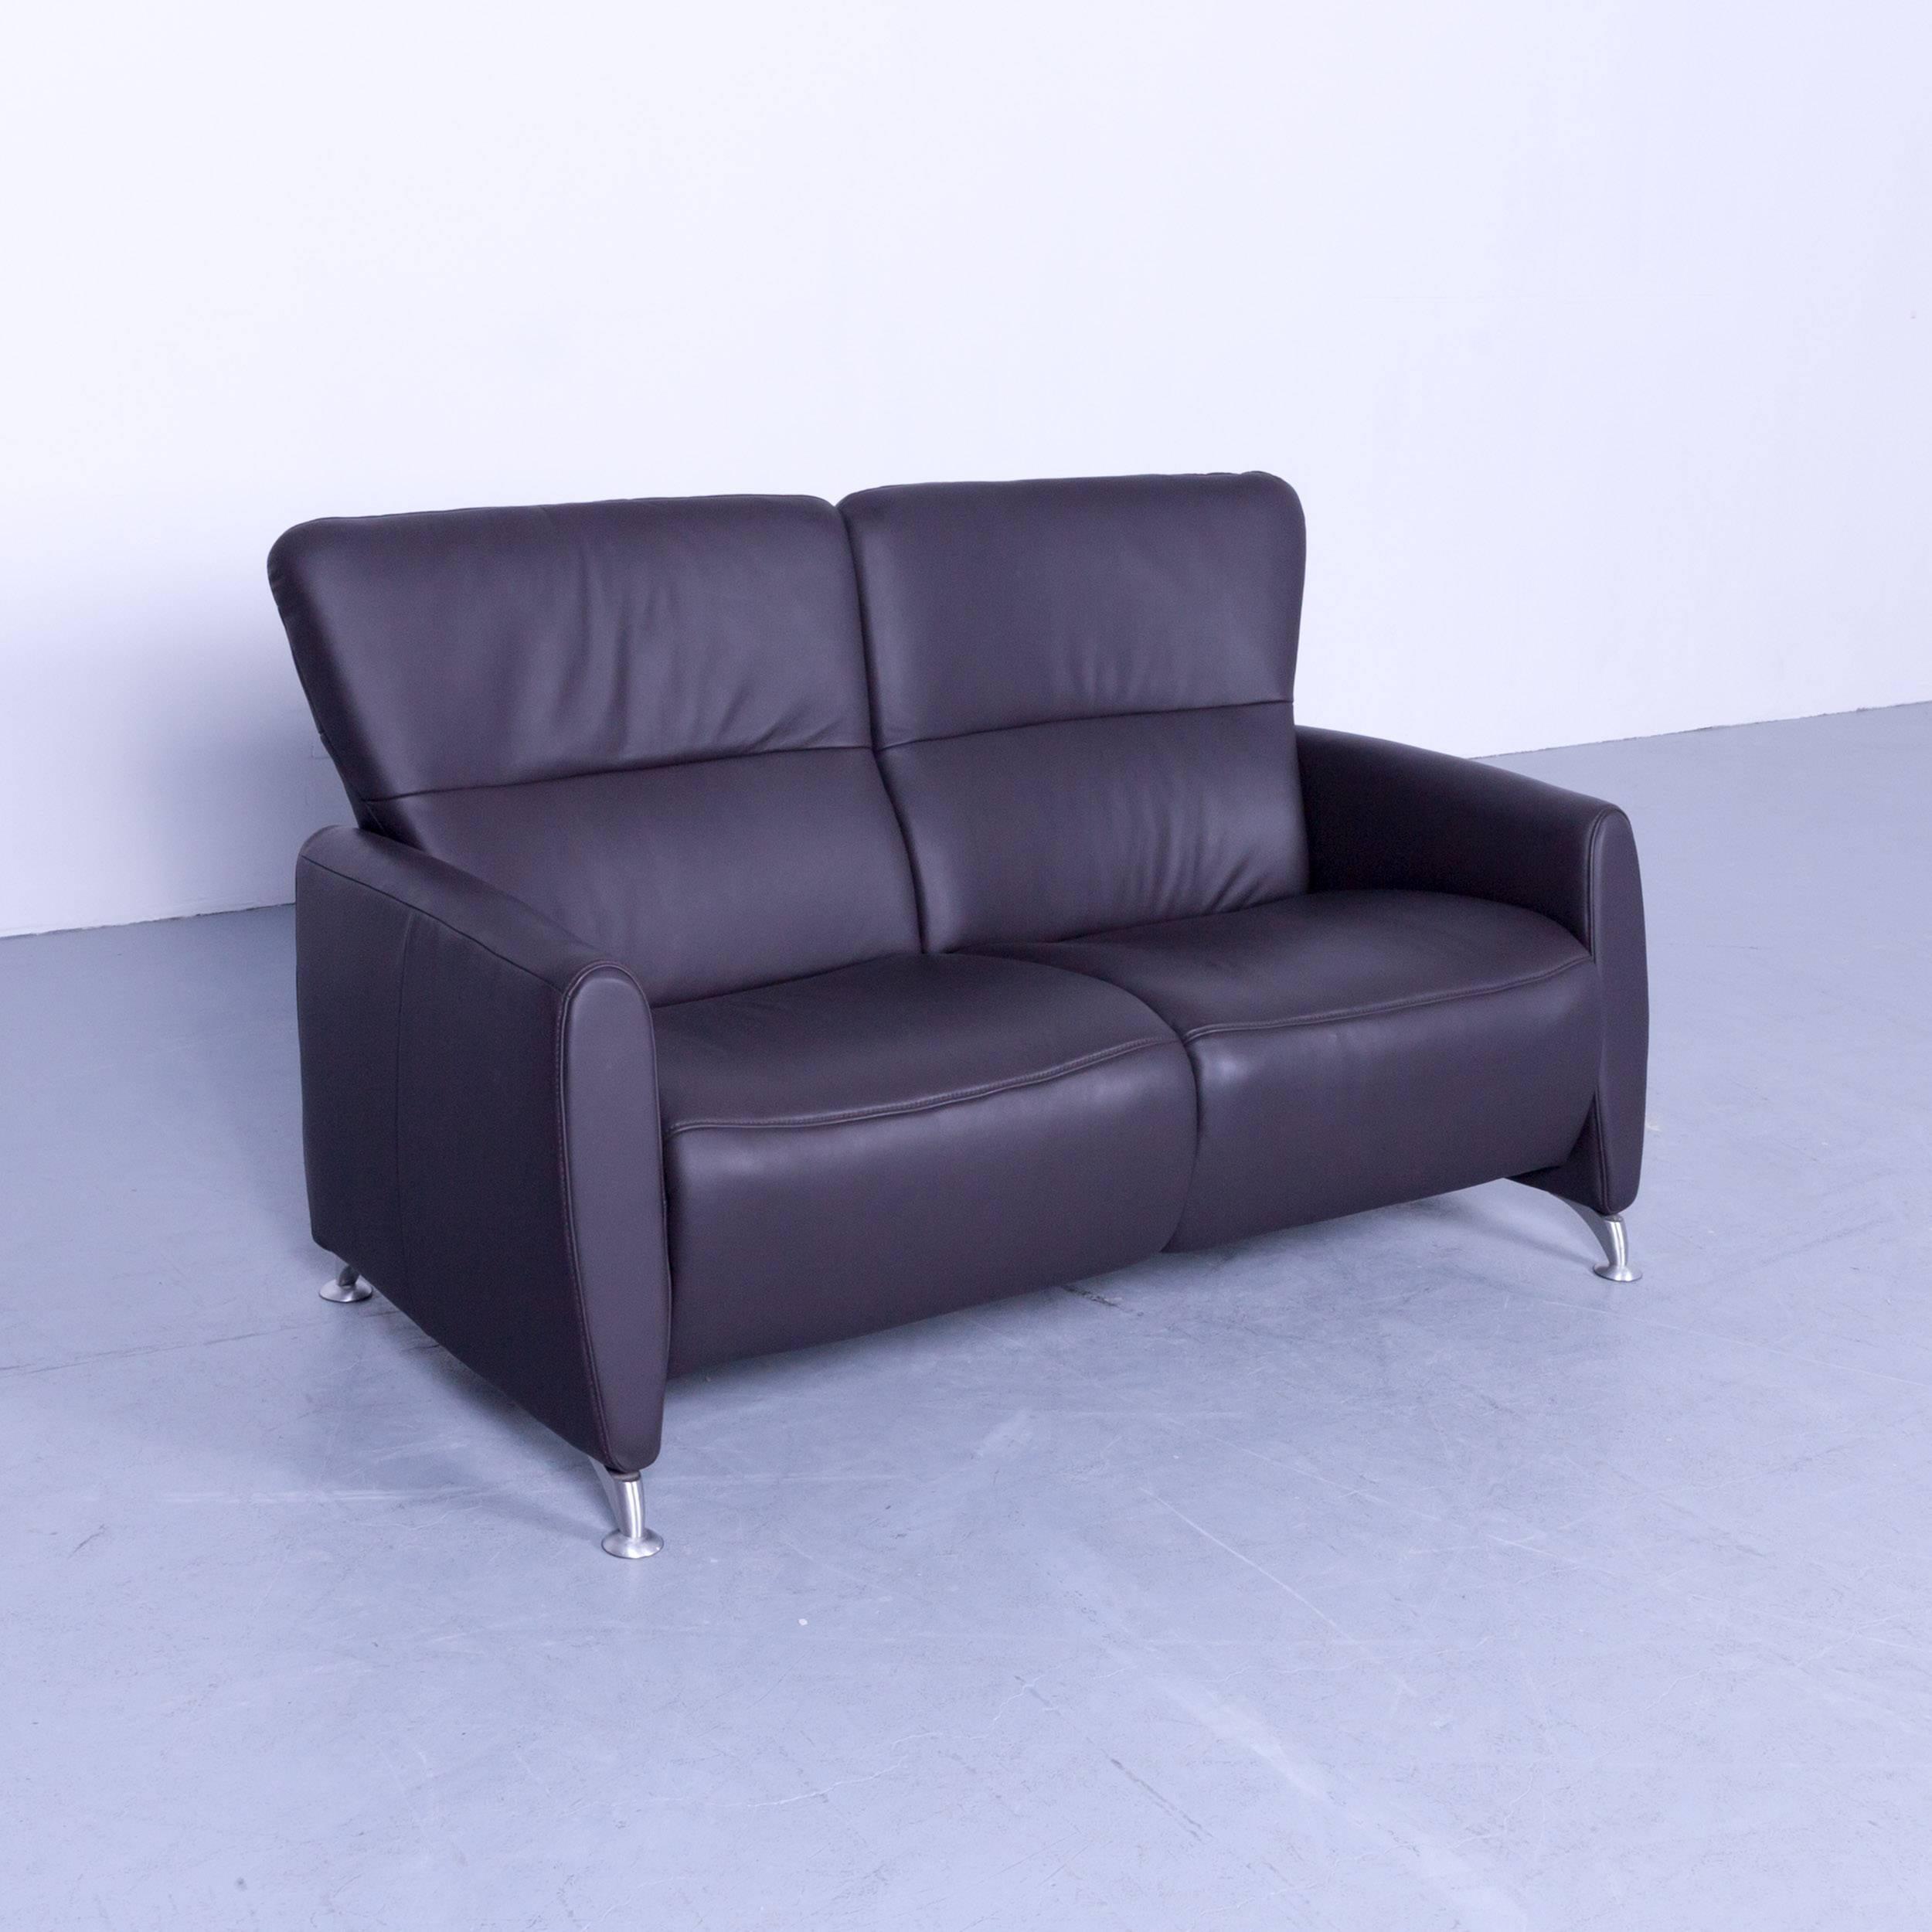 Geräumig Sofa Und Sessel Sammlung Von Himolla Designer Relax Leather Brown Two-seat Couch